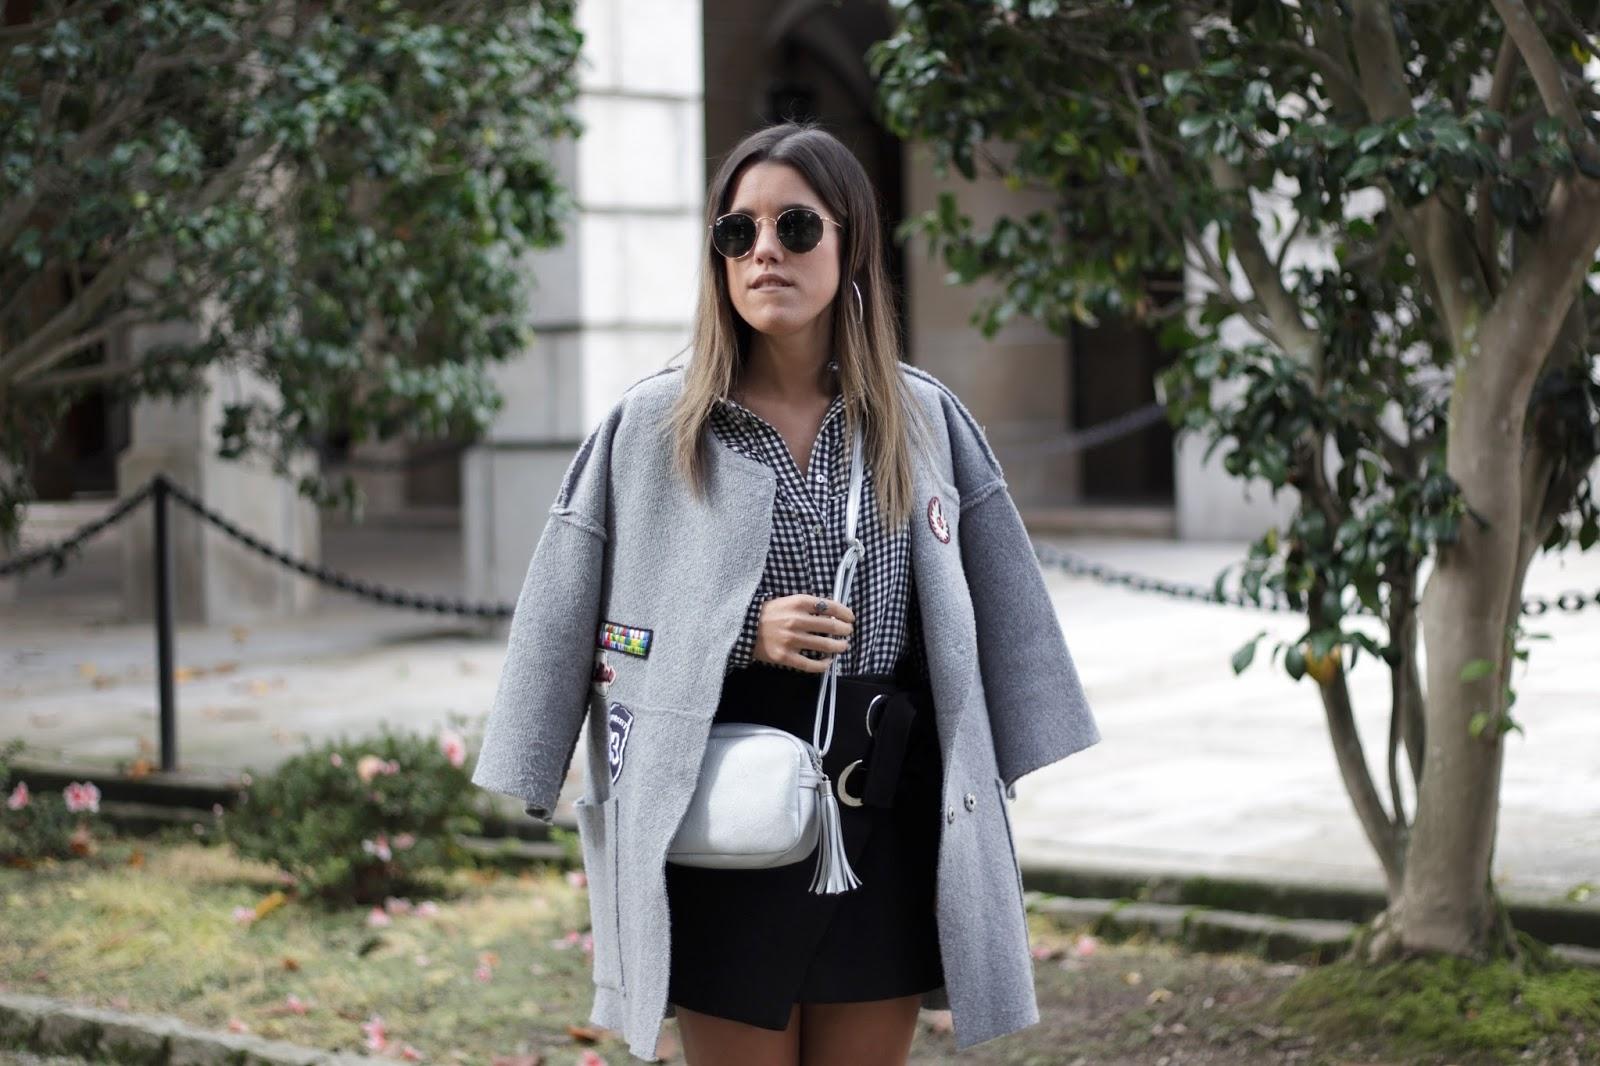 La bloguera gallega con un look muy sencillo en tonos negros, grises y plateados. | © lamodanoentiendedeleyes.blogspot.com